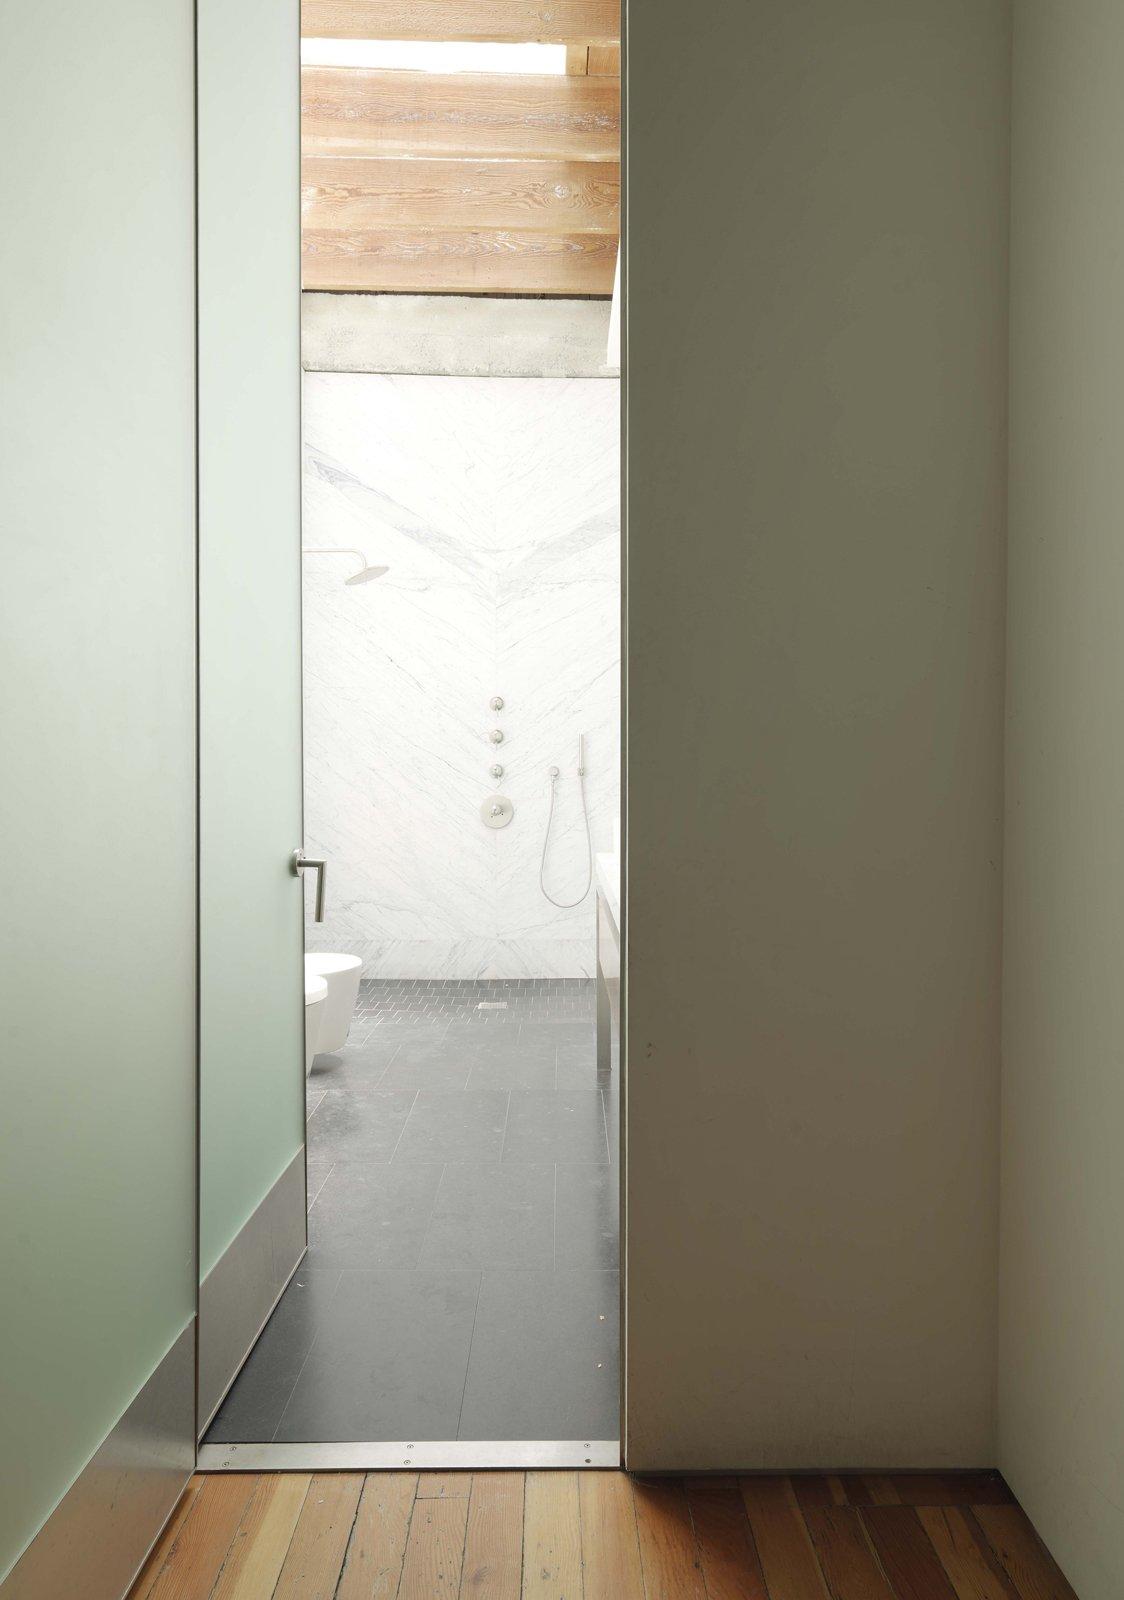 #bath&spa #interior #modern #design #hallway #bathroom #naturallight #industrialdesign #architecture #metalwork   Baths by Lara Deam